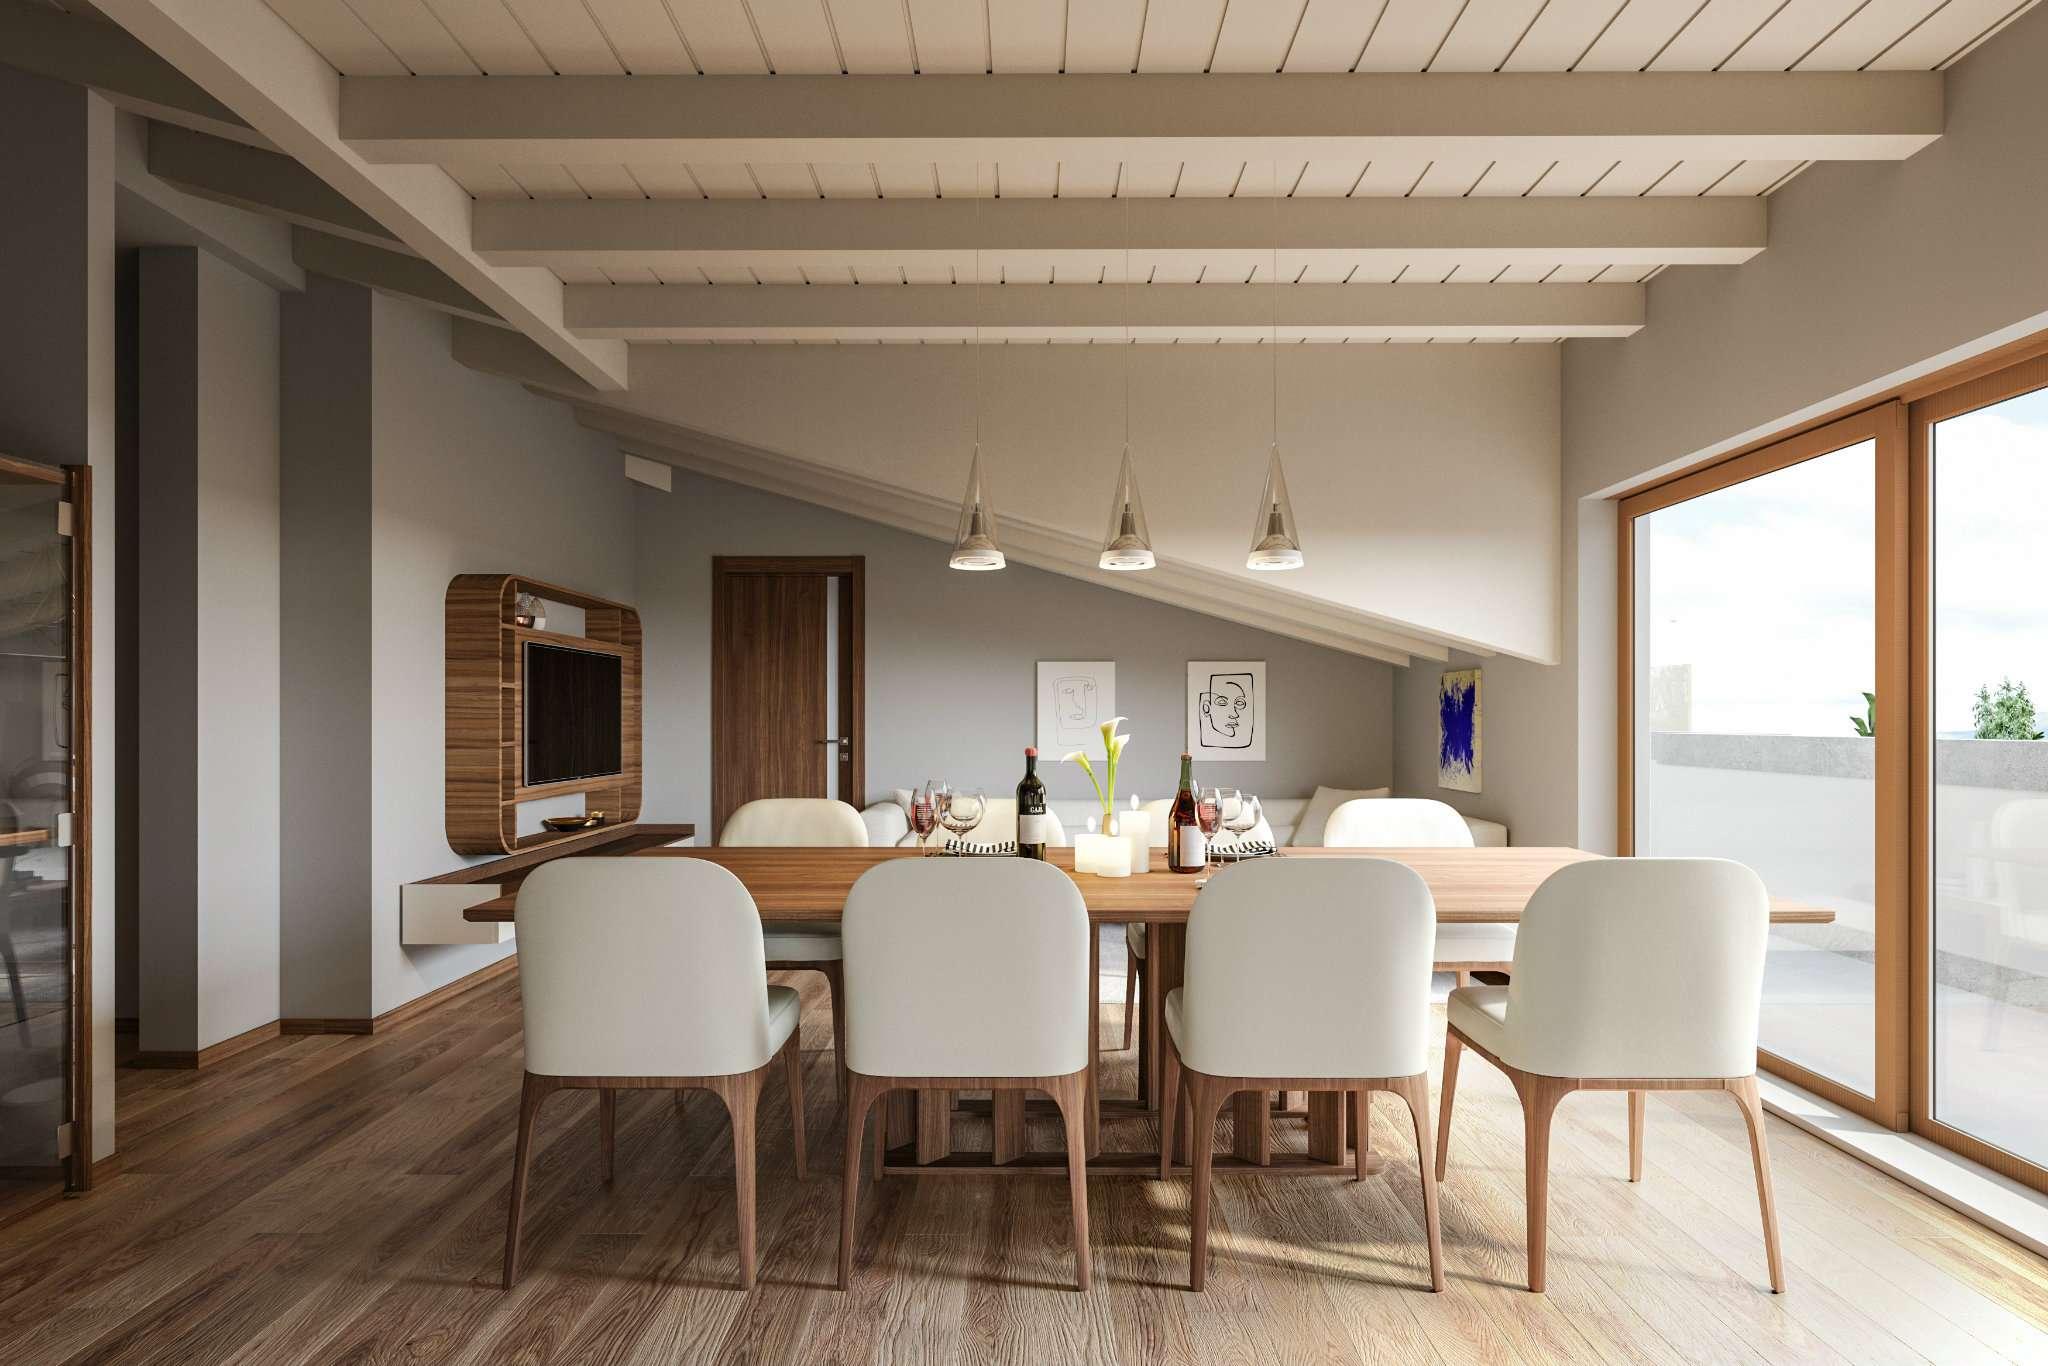 Appartamento in vendita a Sulbiate, 4 locali, prezzo € 265.000 | PortaleAgenzieImmobiliari.it